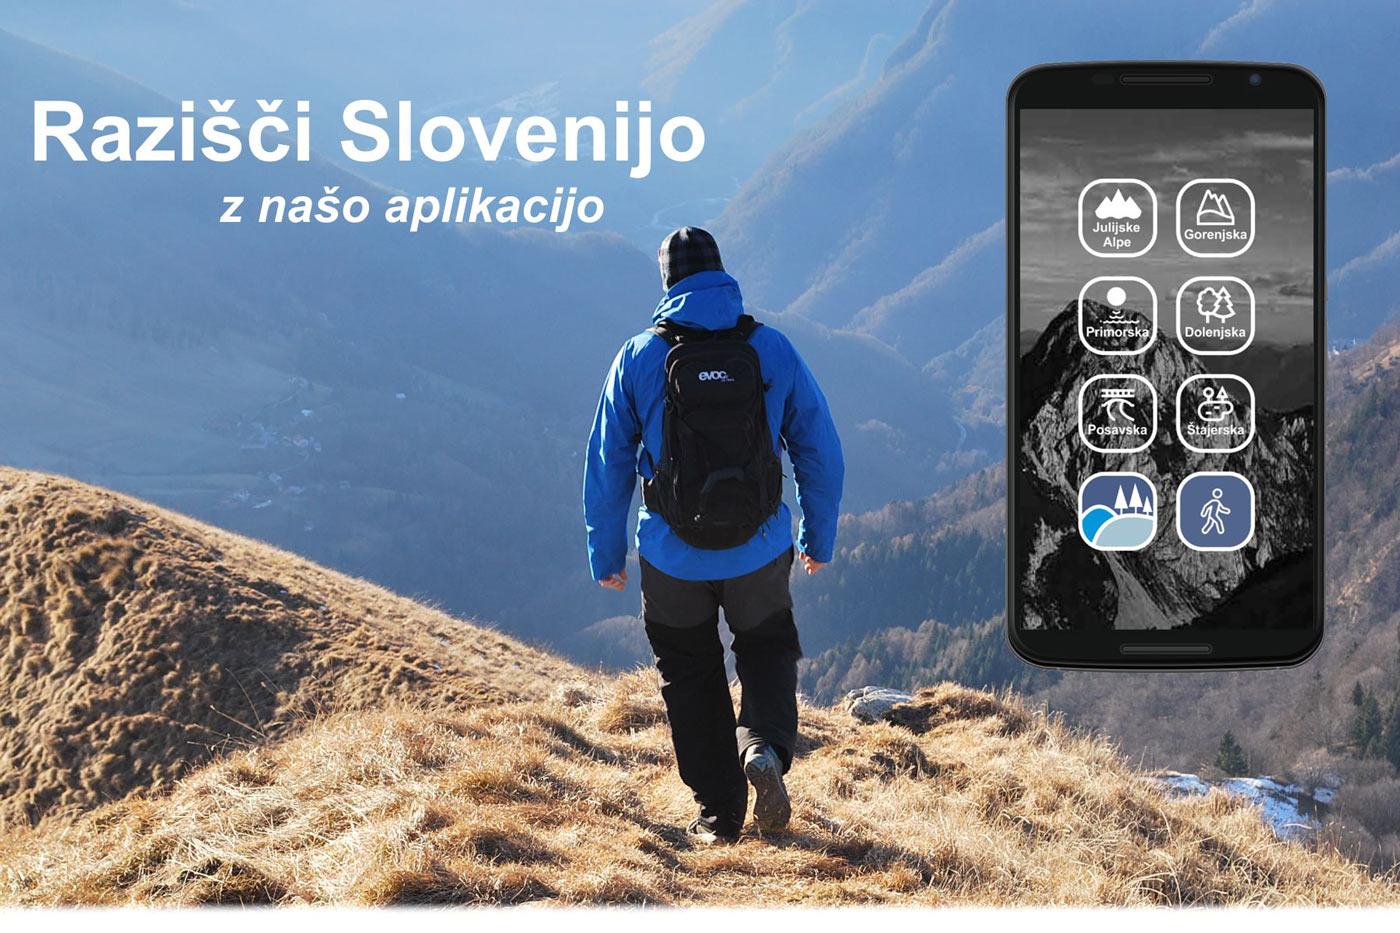 Fotografija posneta na Poreznu za mobilno pohodniško aplikacijo.